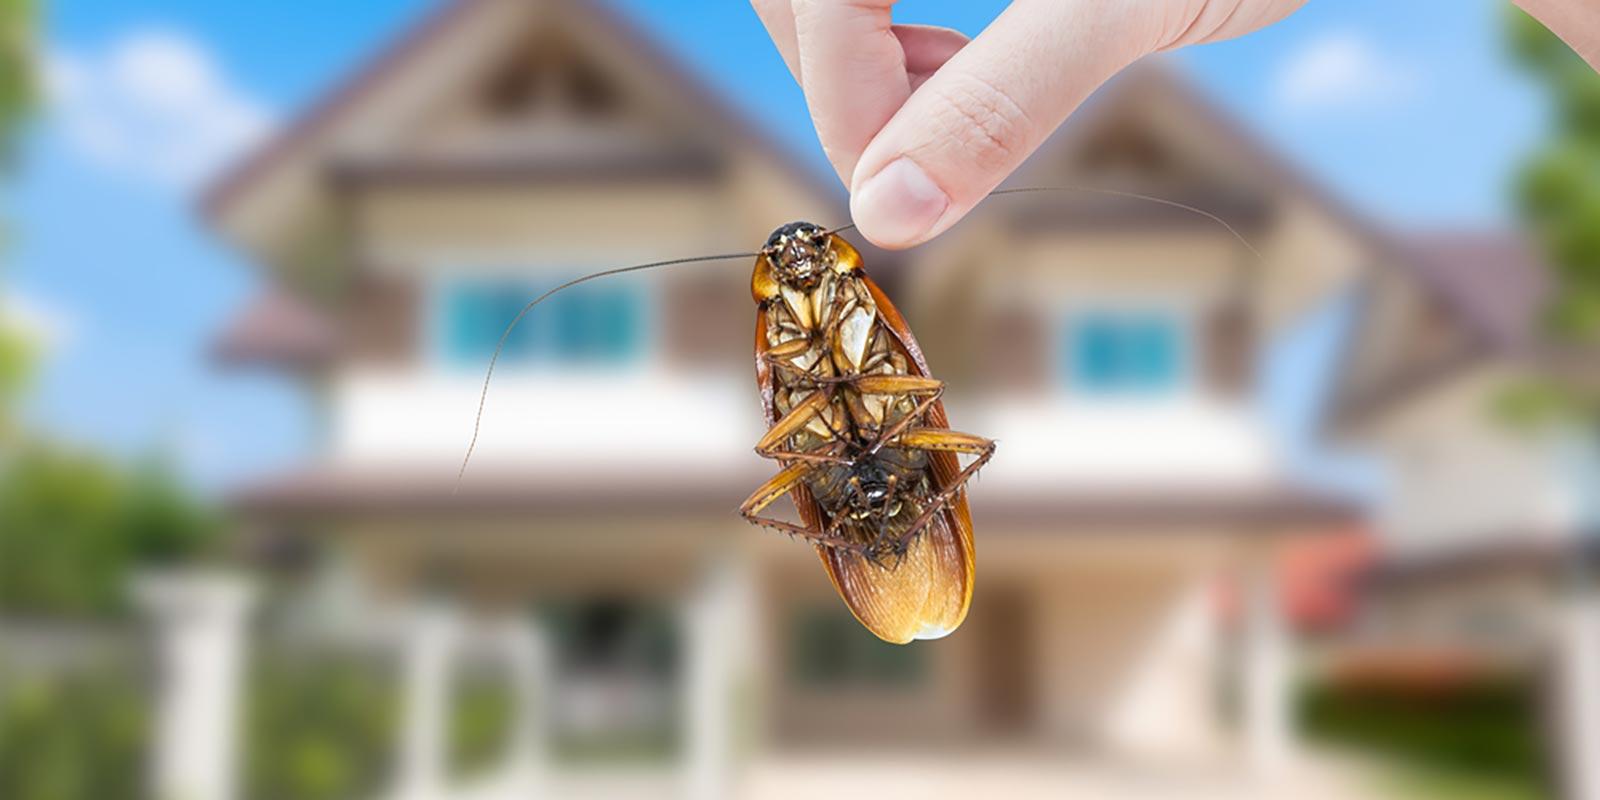 Roach Extermination - Hannibal, MO